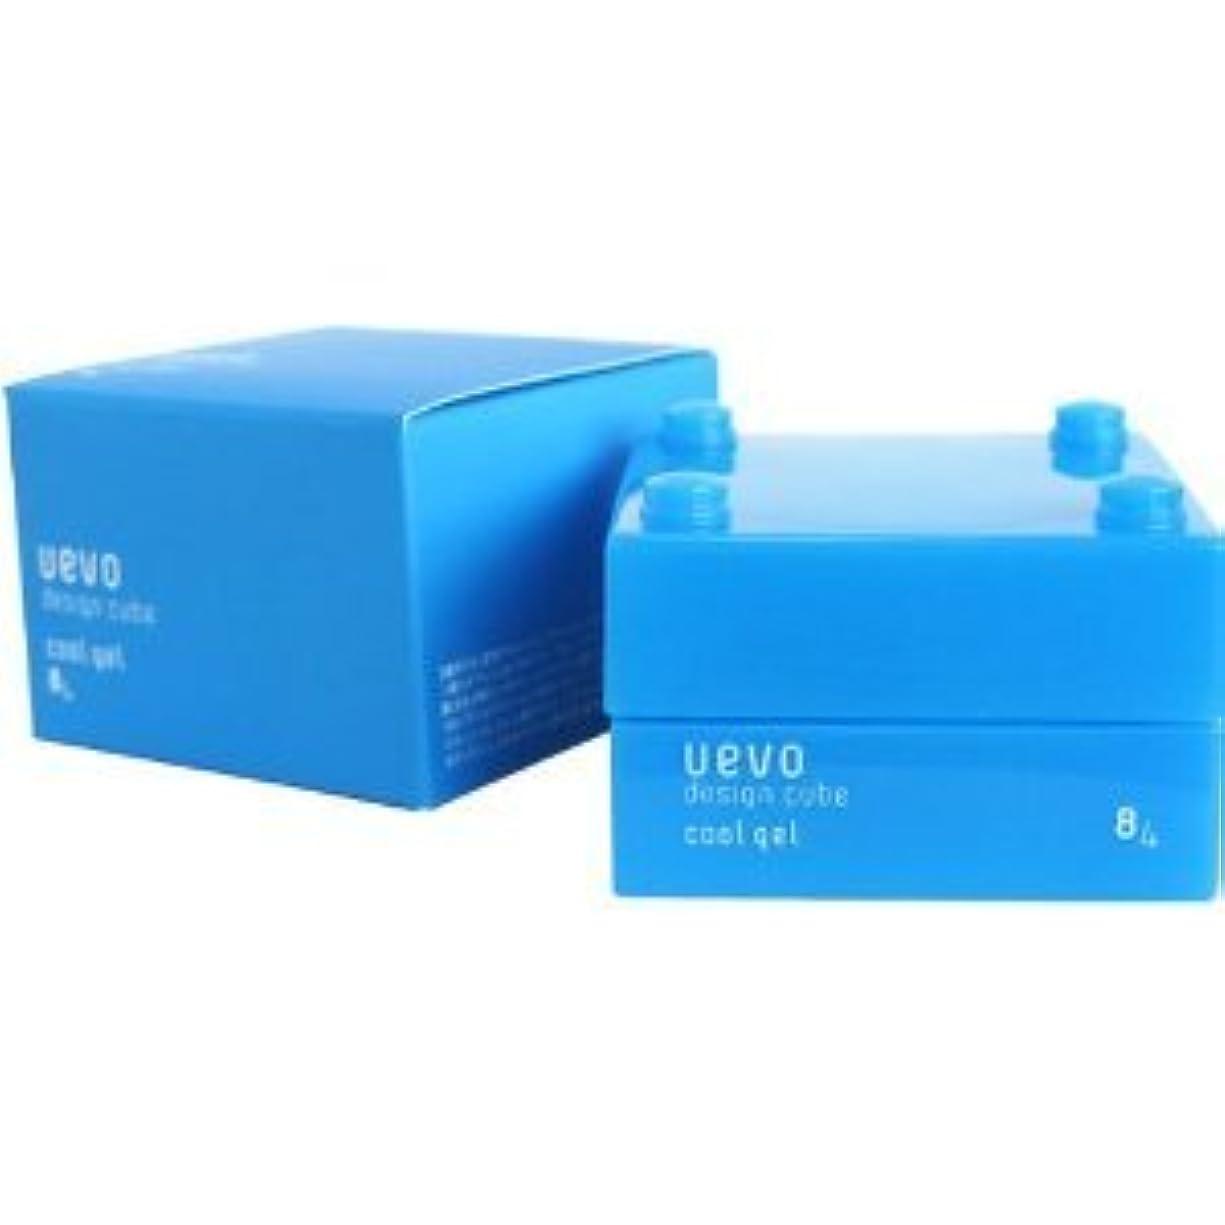 アヒルテクトニックボーダー【X2個セット】 デミ ウェーボ デザインキューブ クールジェル 30g cool gel DEMI uevo design cube